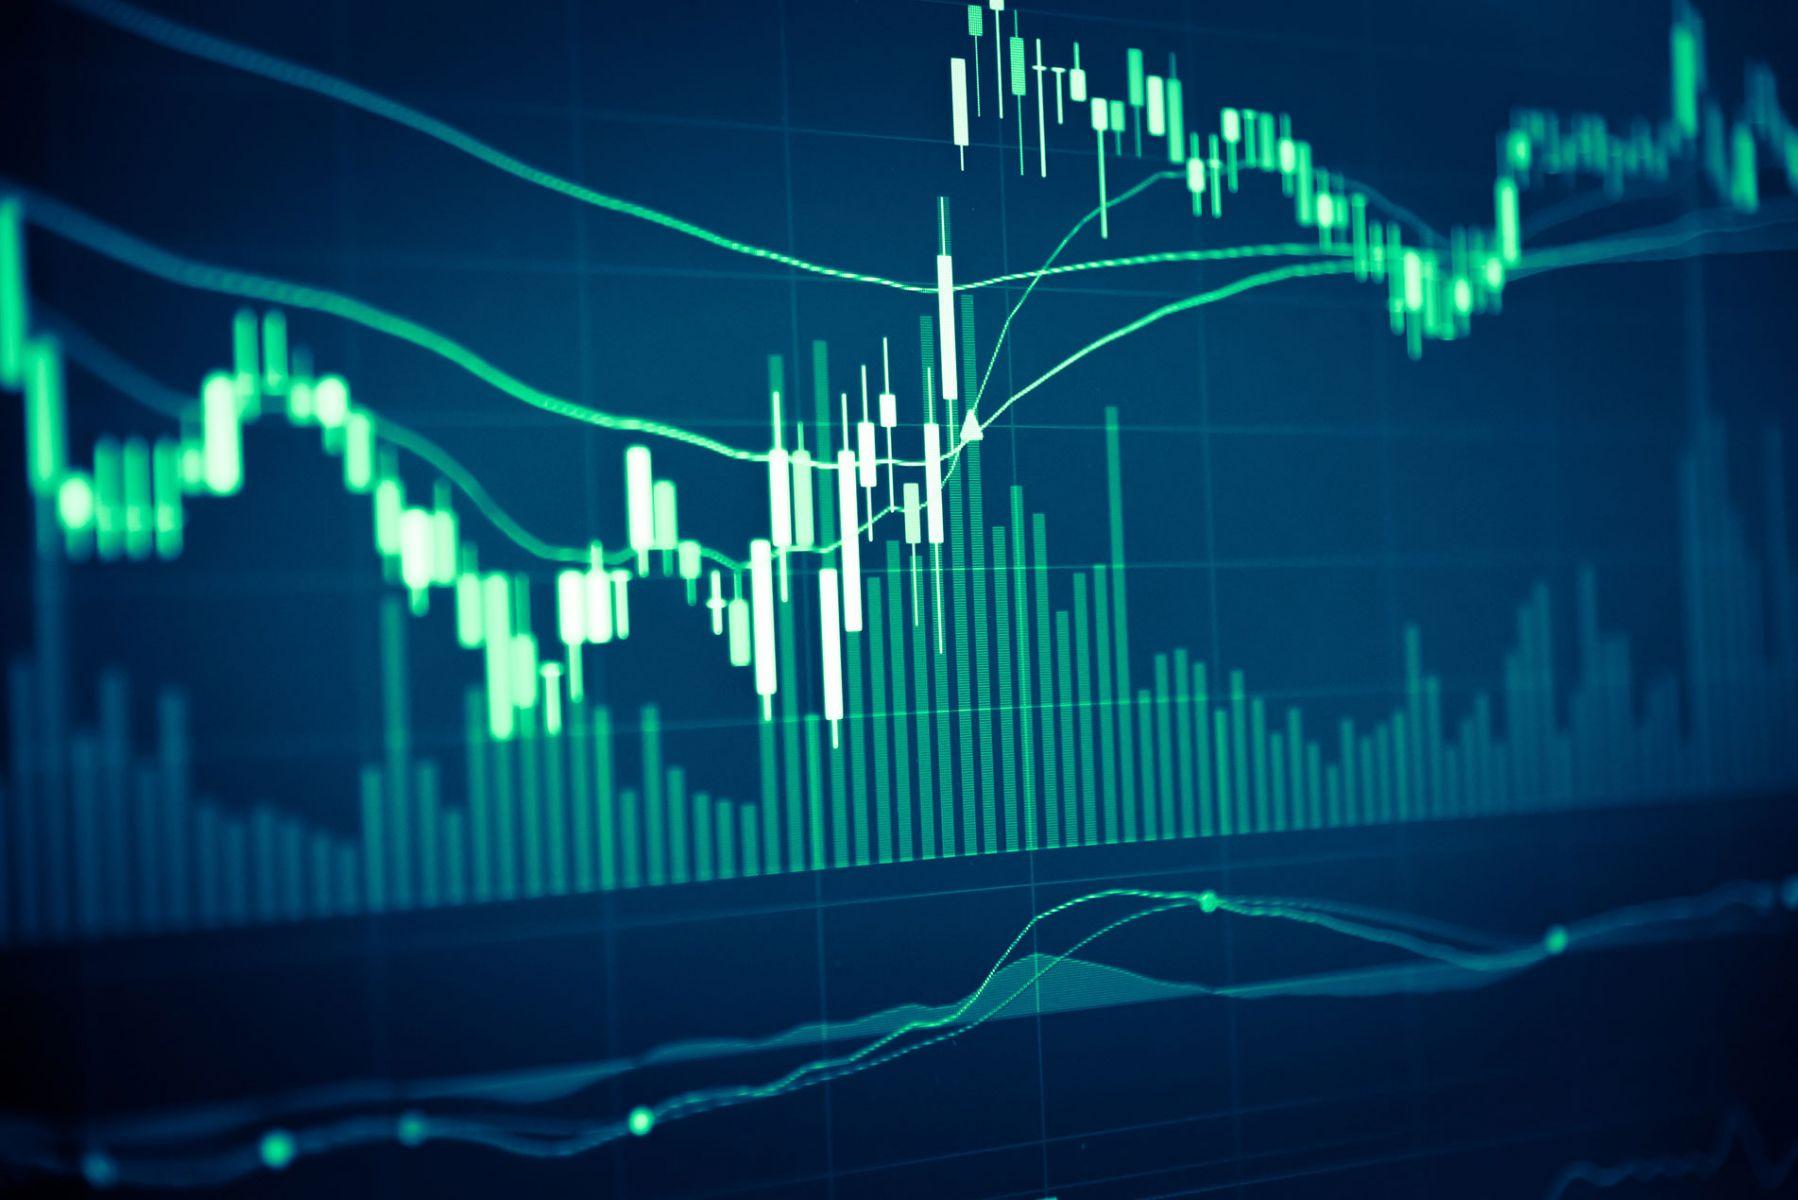 十年美債殖利率若升至4.5% 高盛:美股恐跳水25%